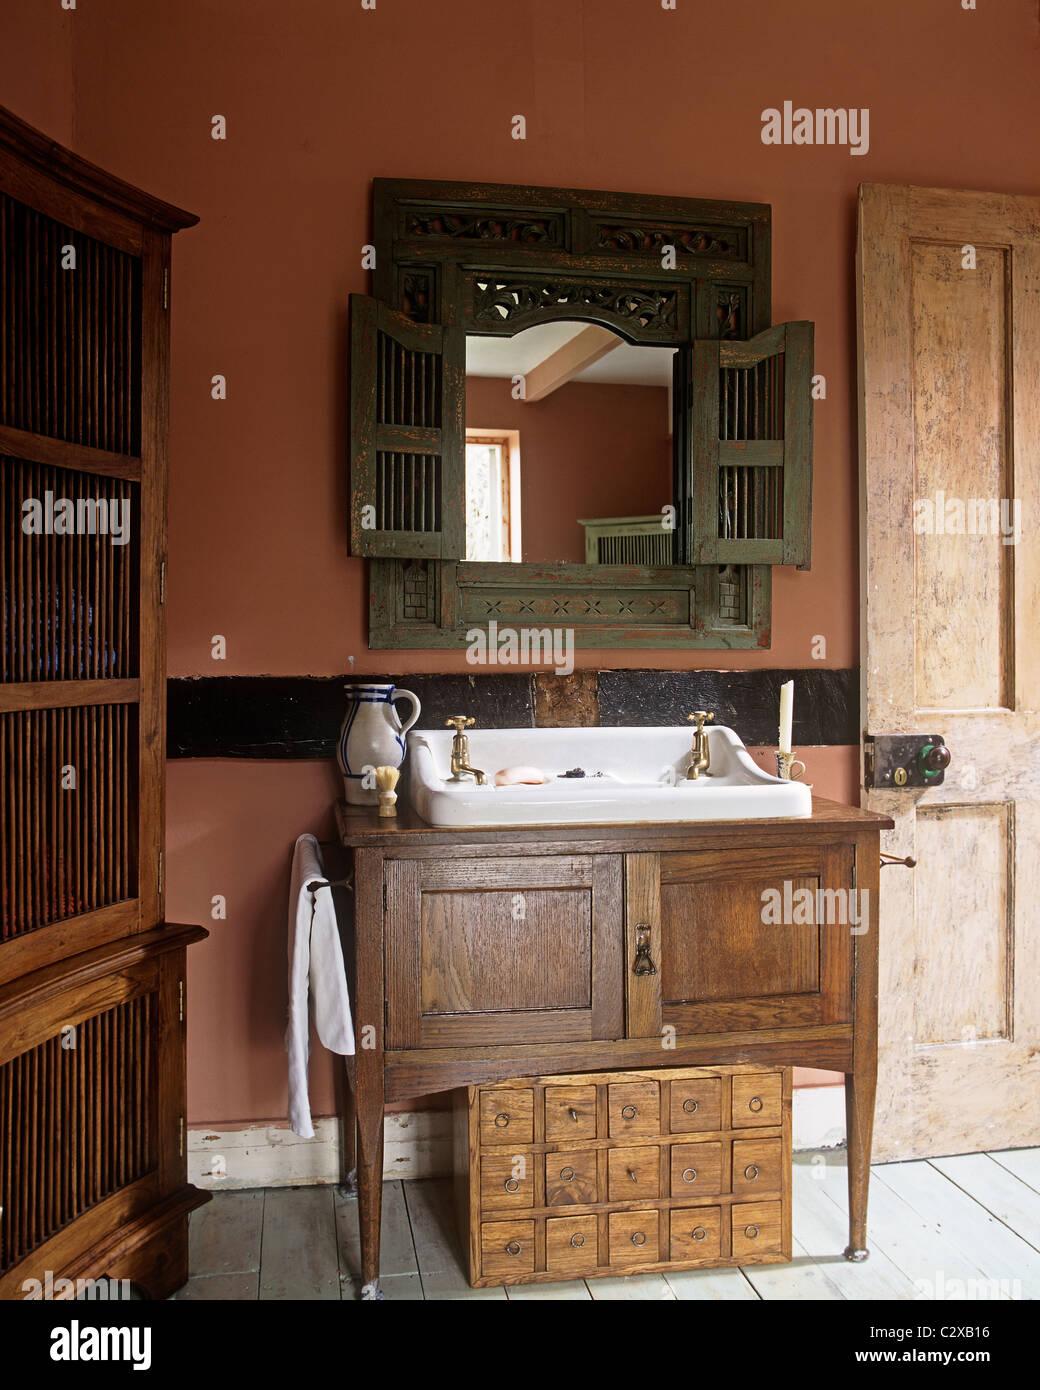 Waschbecken im Holzschrank in rot, Land Stil Badezimmer ...